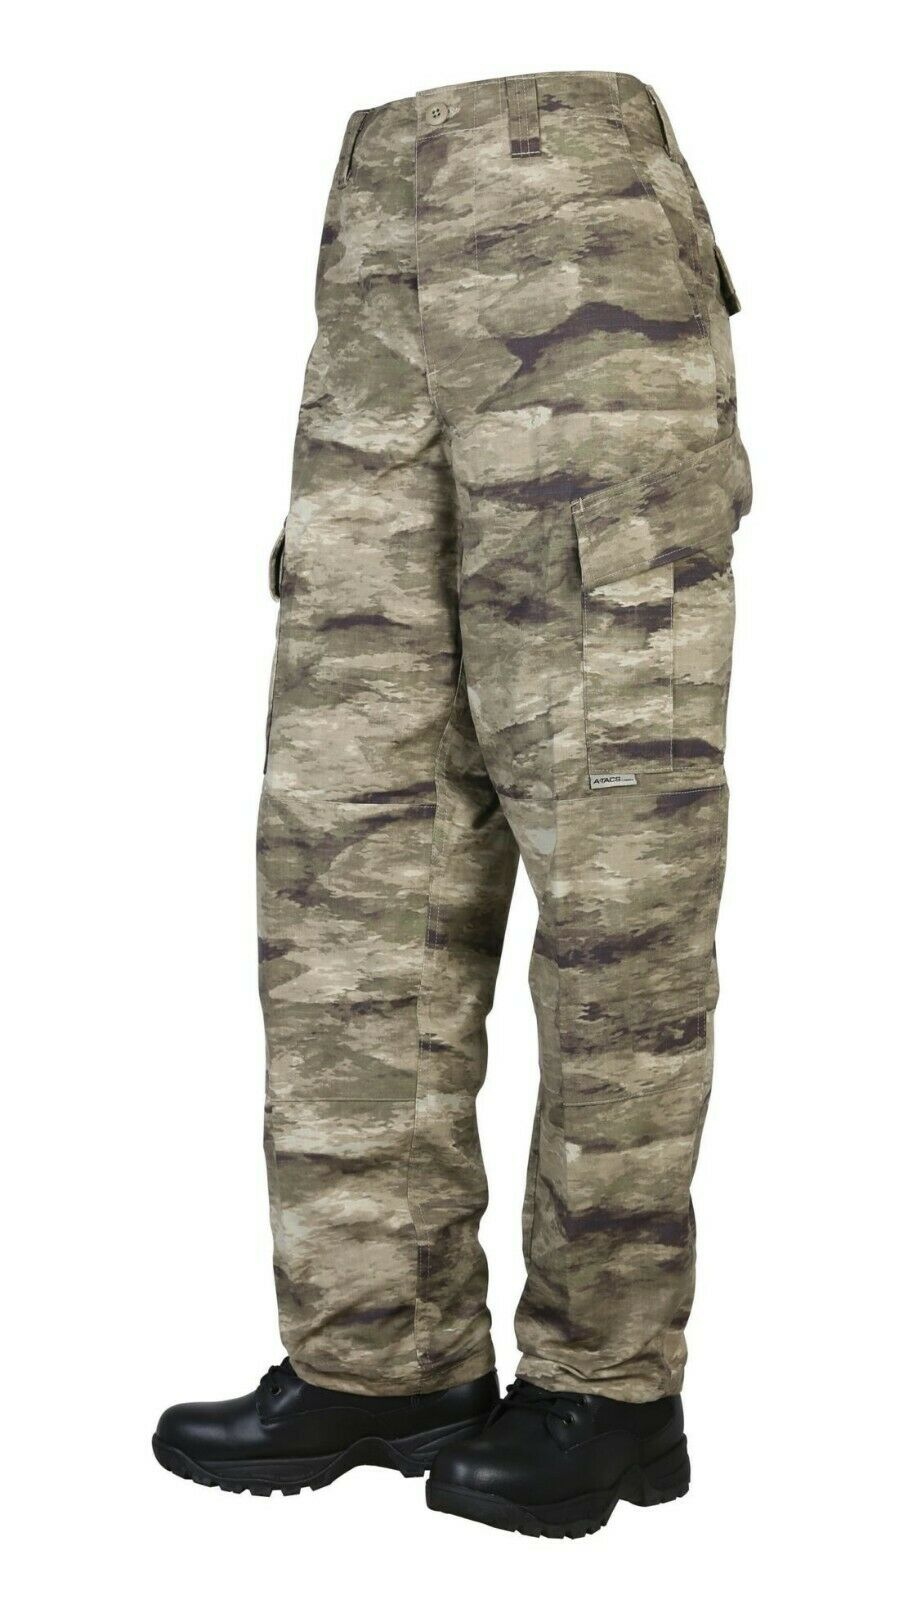 Tru-Spec BDU Xtreme Pantalones 50 50 NYCO RS un sistema de ocultamiento táctico-Aux